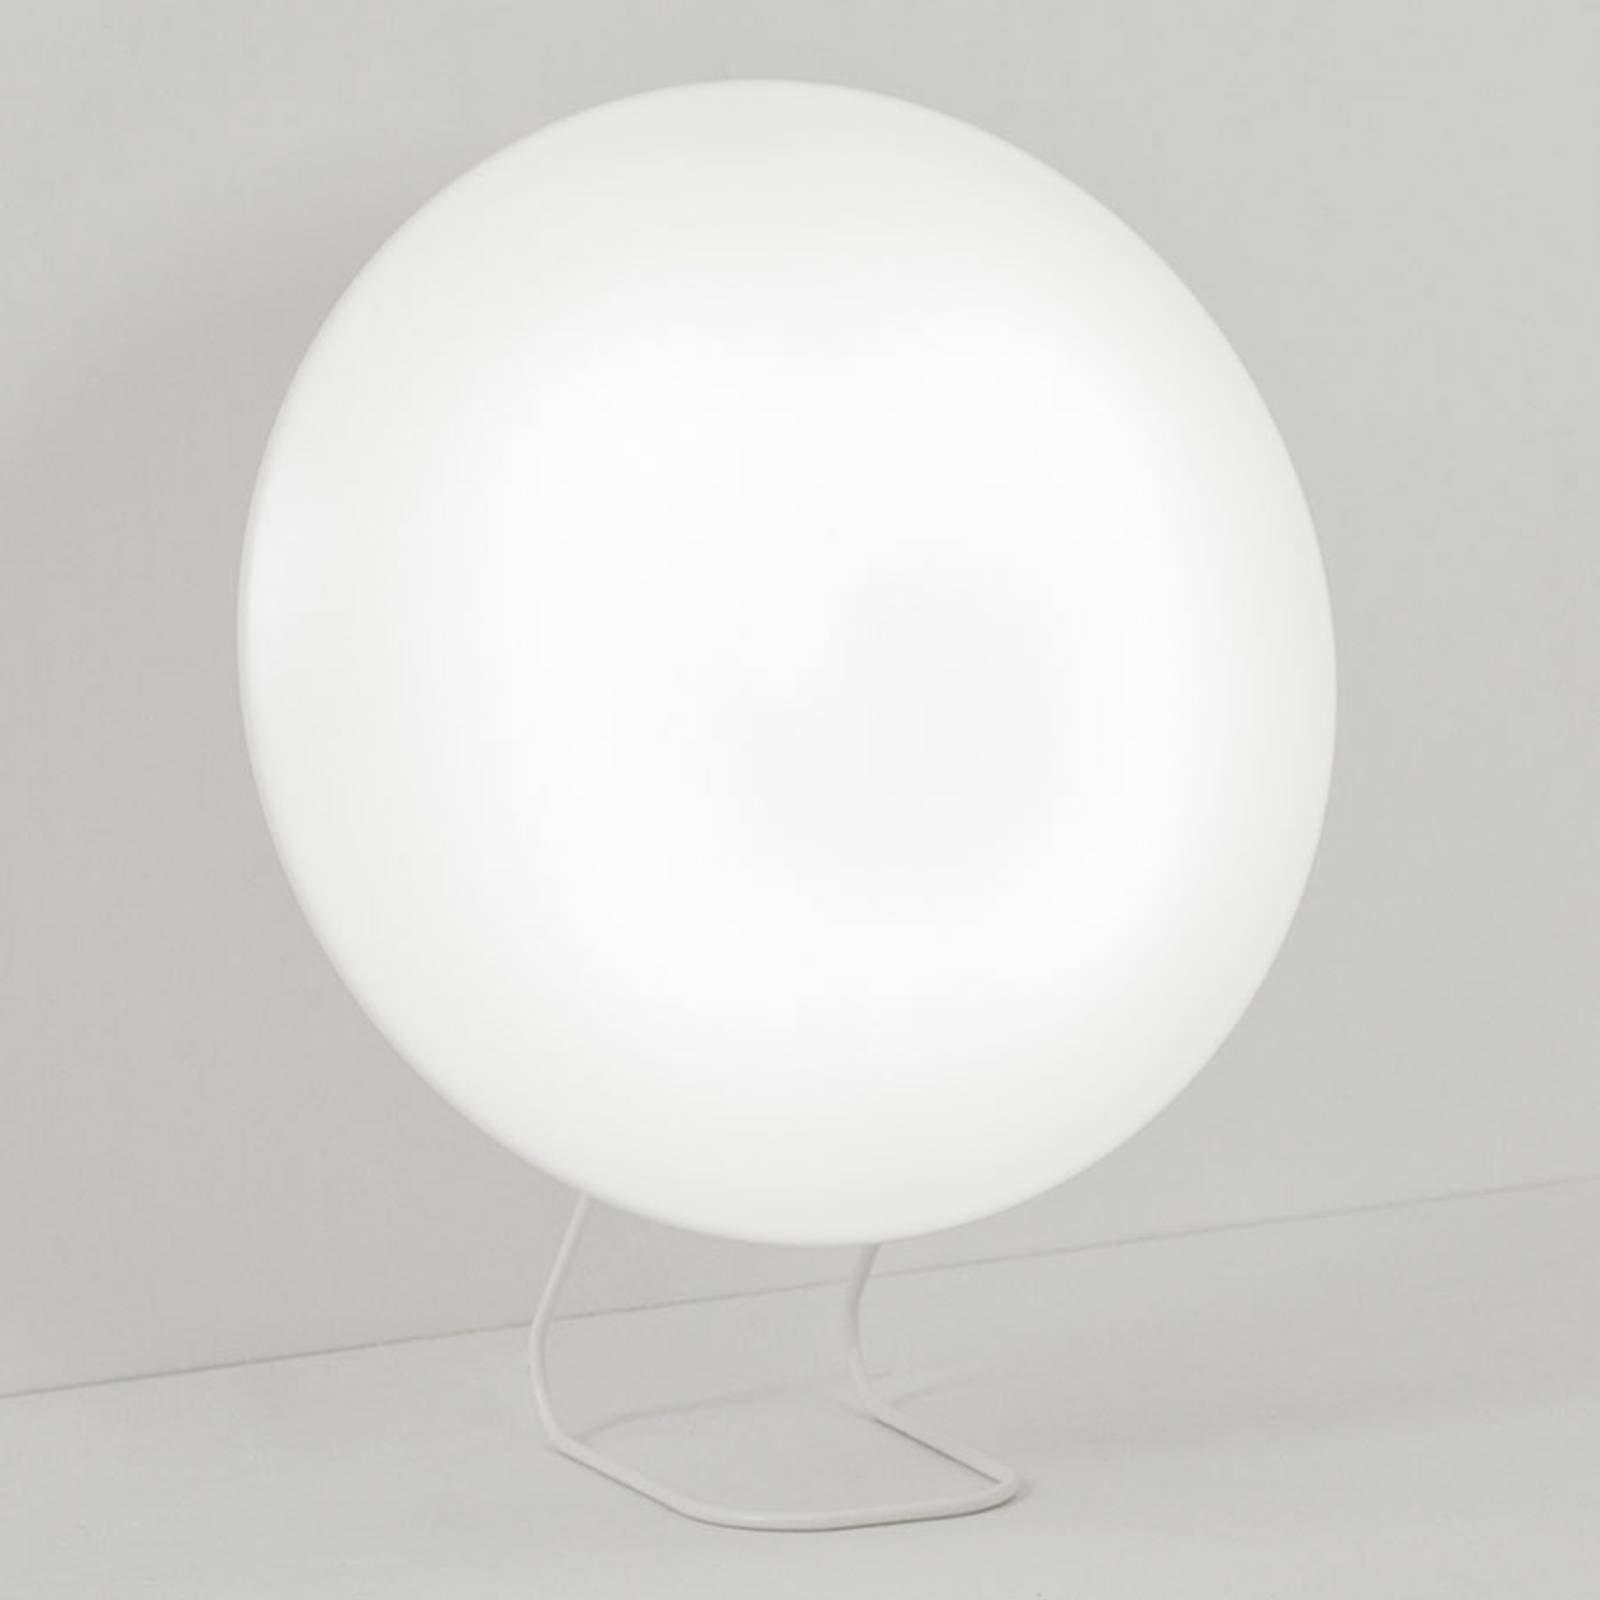 Innolux Rondo 400 LED-terapilampe, 40 cm